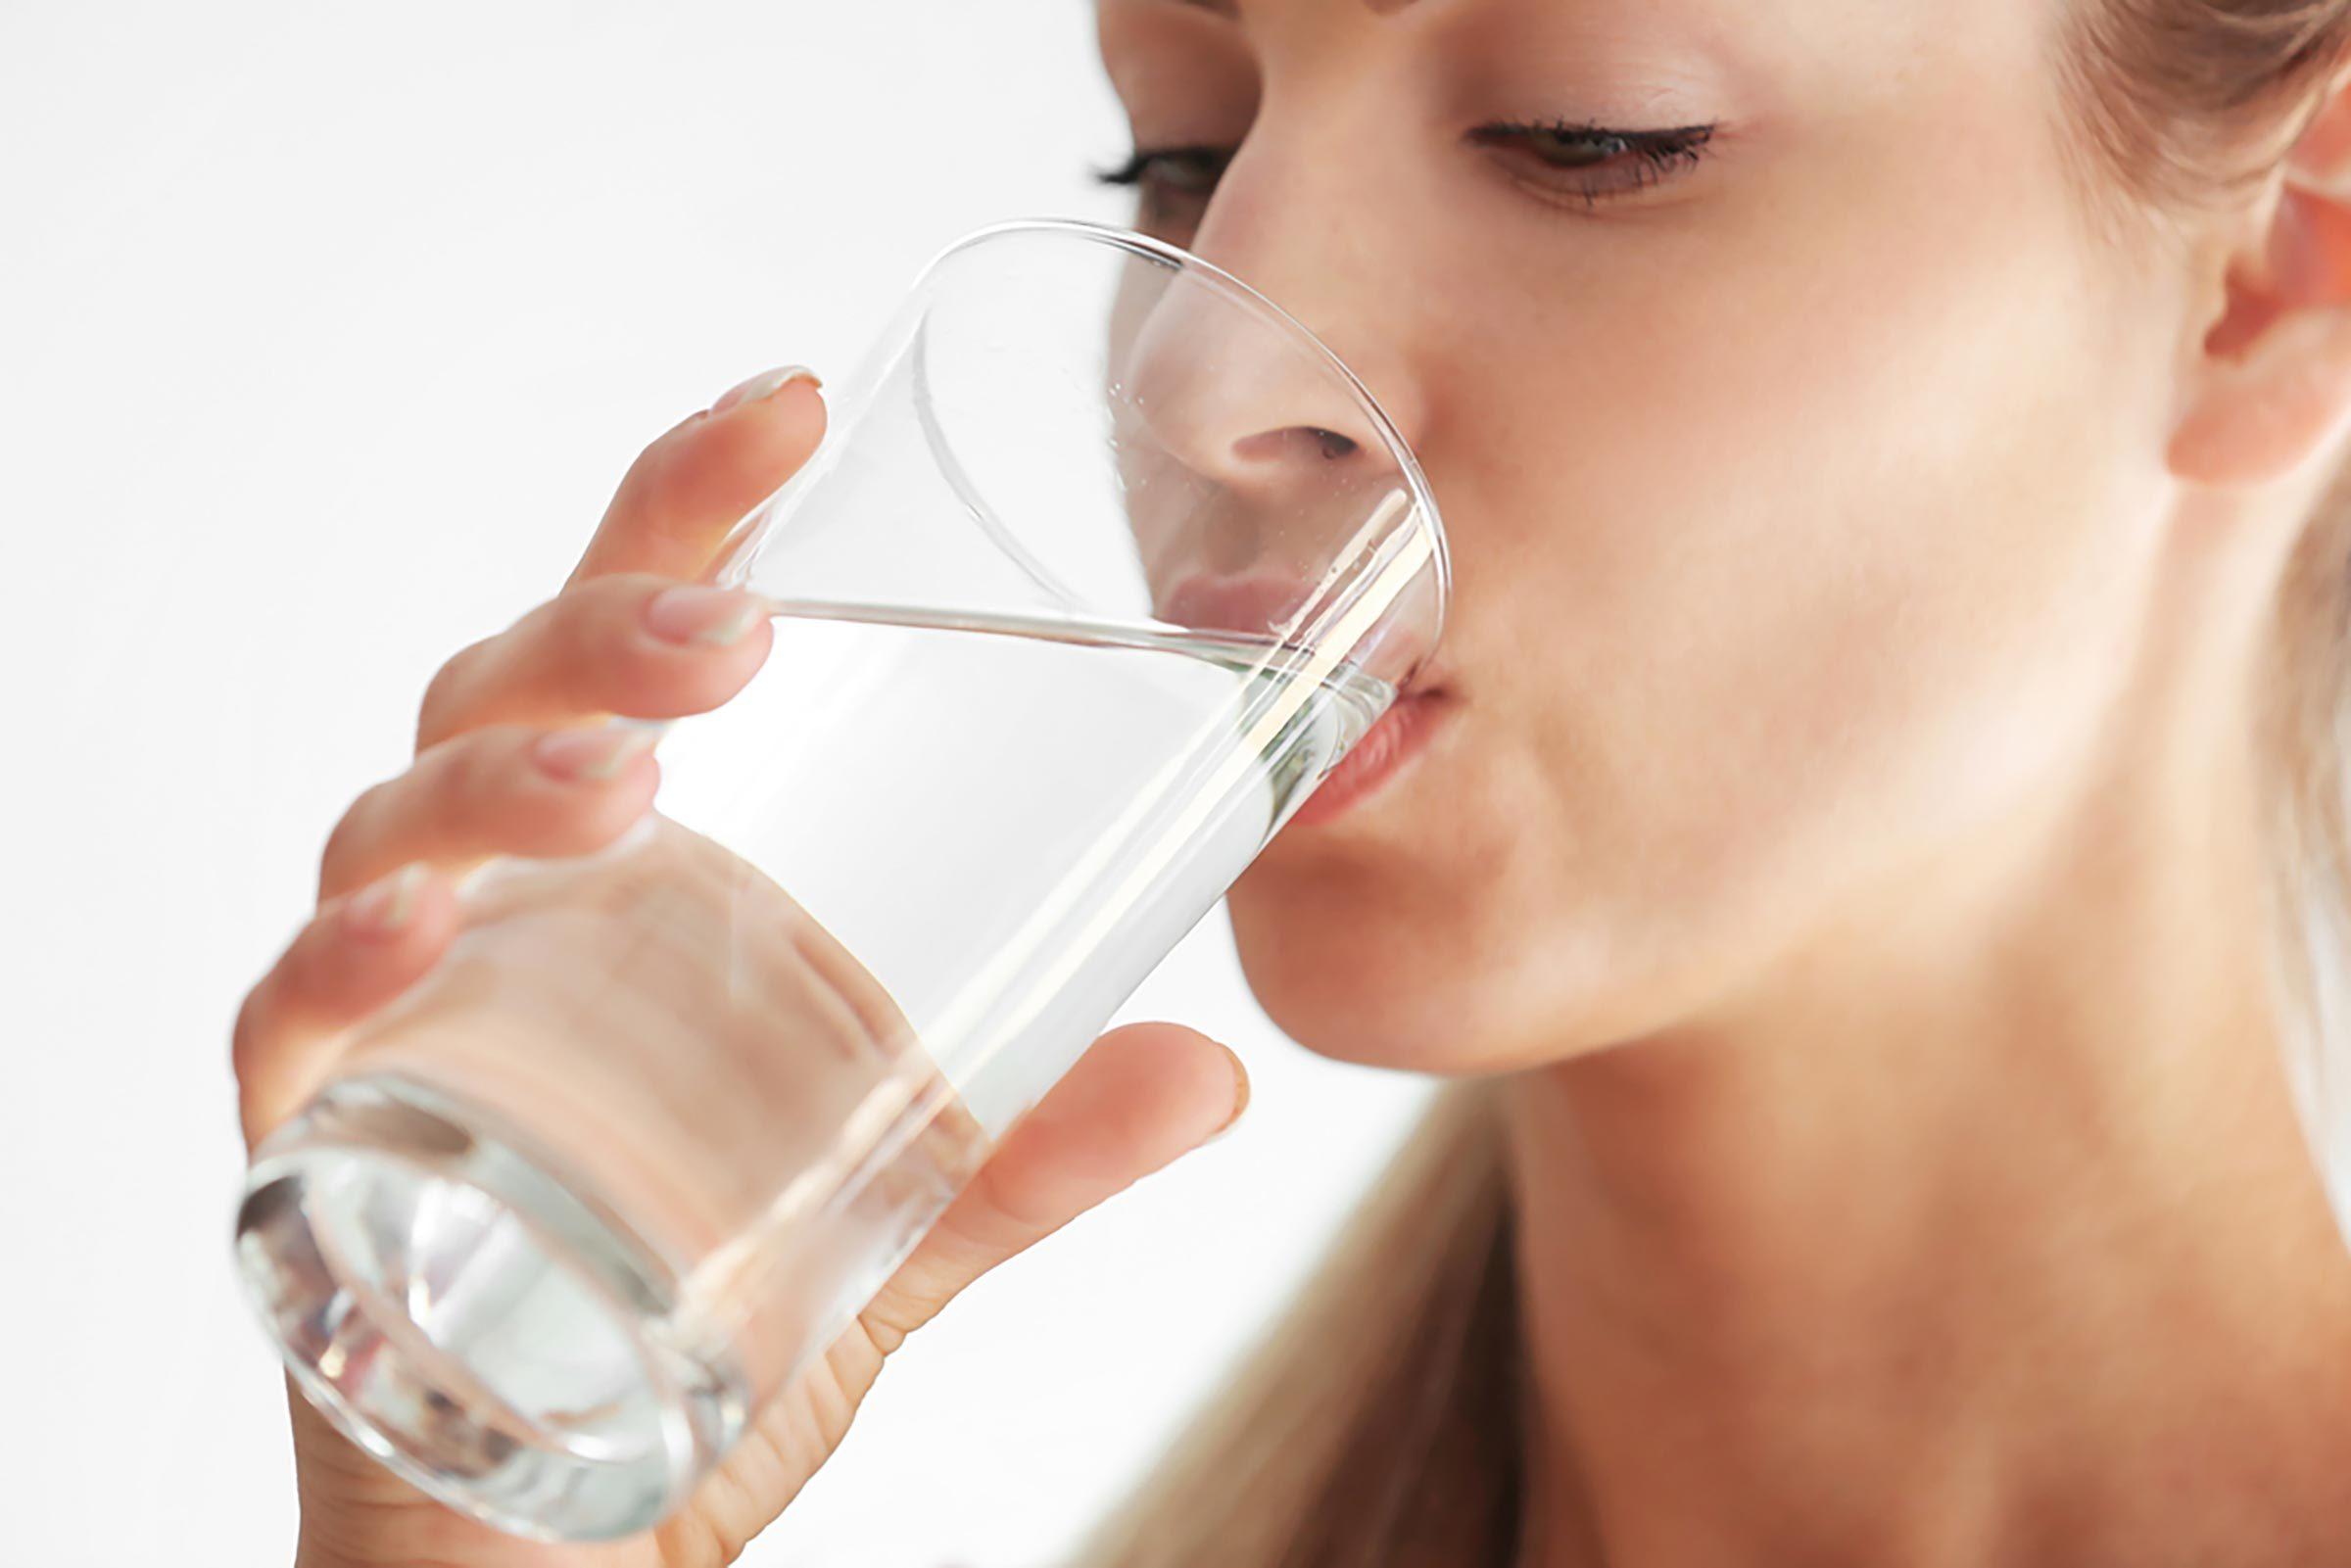 Conseil santé : boire 8 verres d'eau par jour